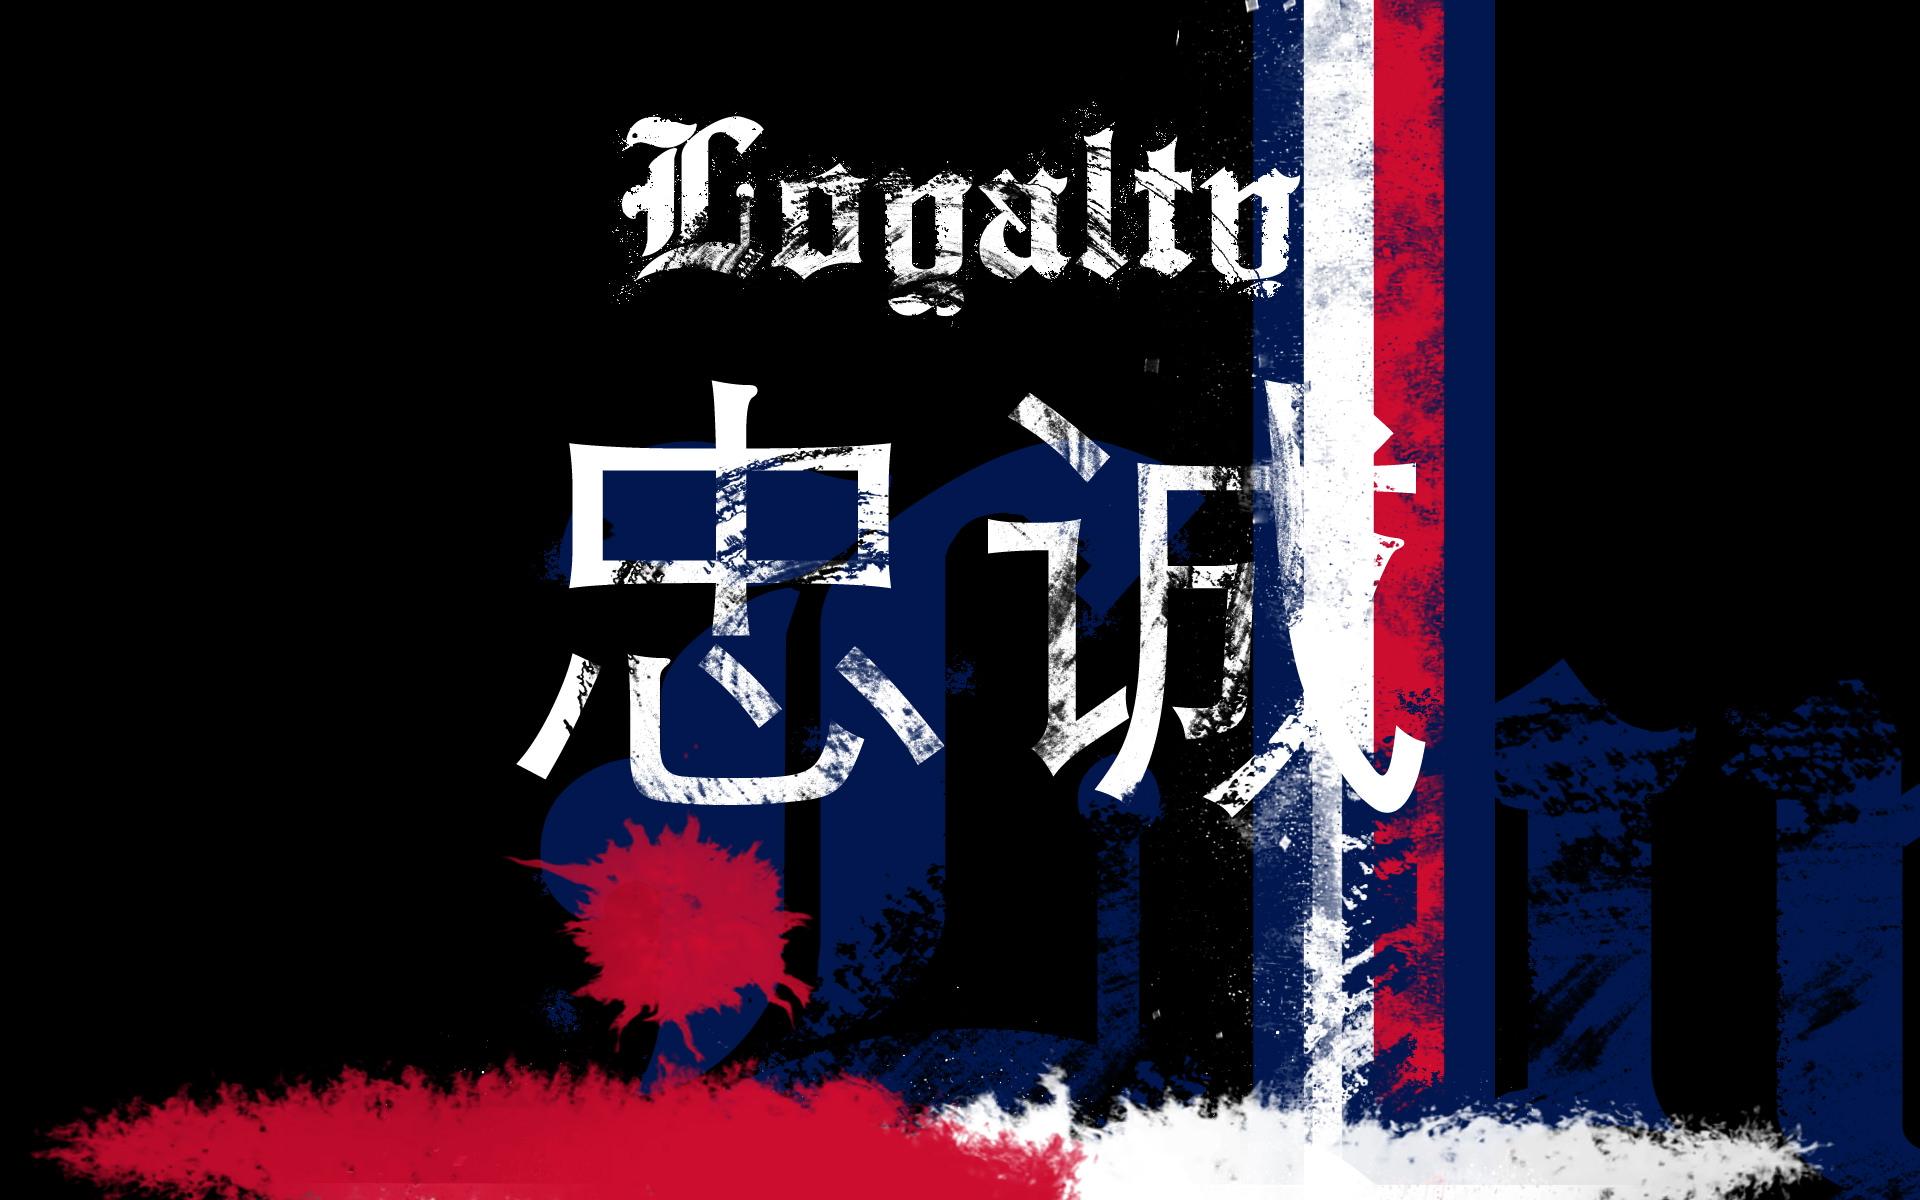 LH_Logo Reveal A_LogoWall_v03.00_00_03_00.Still006.jpg